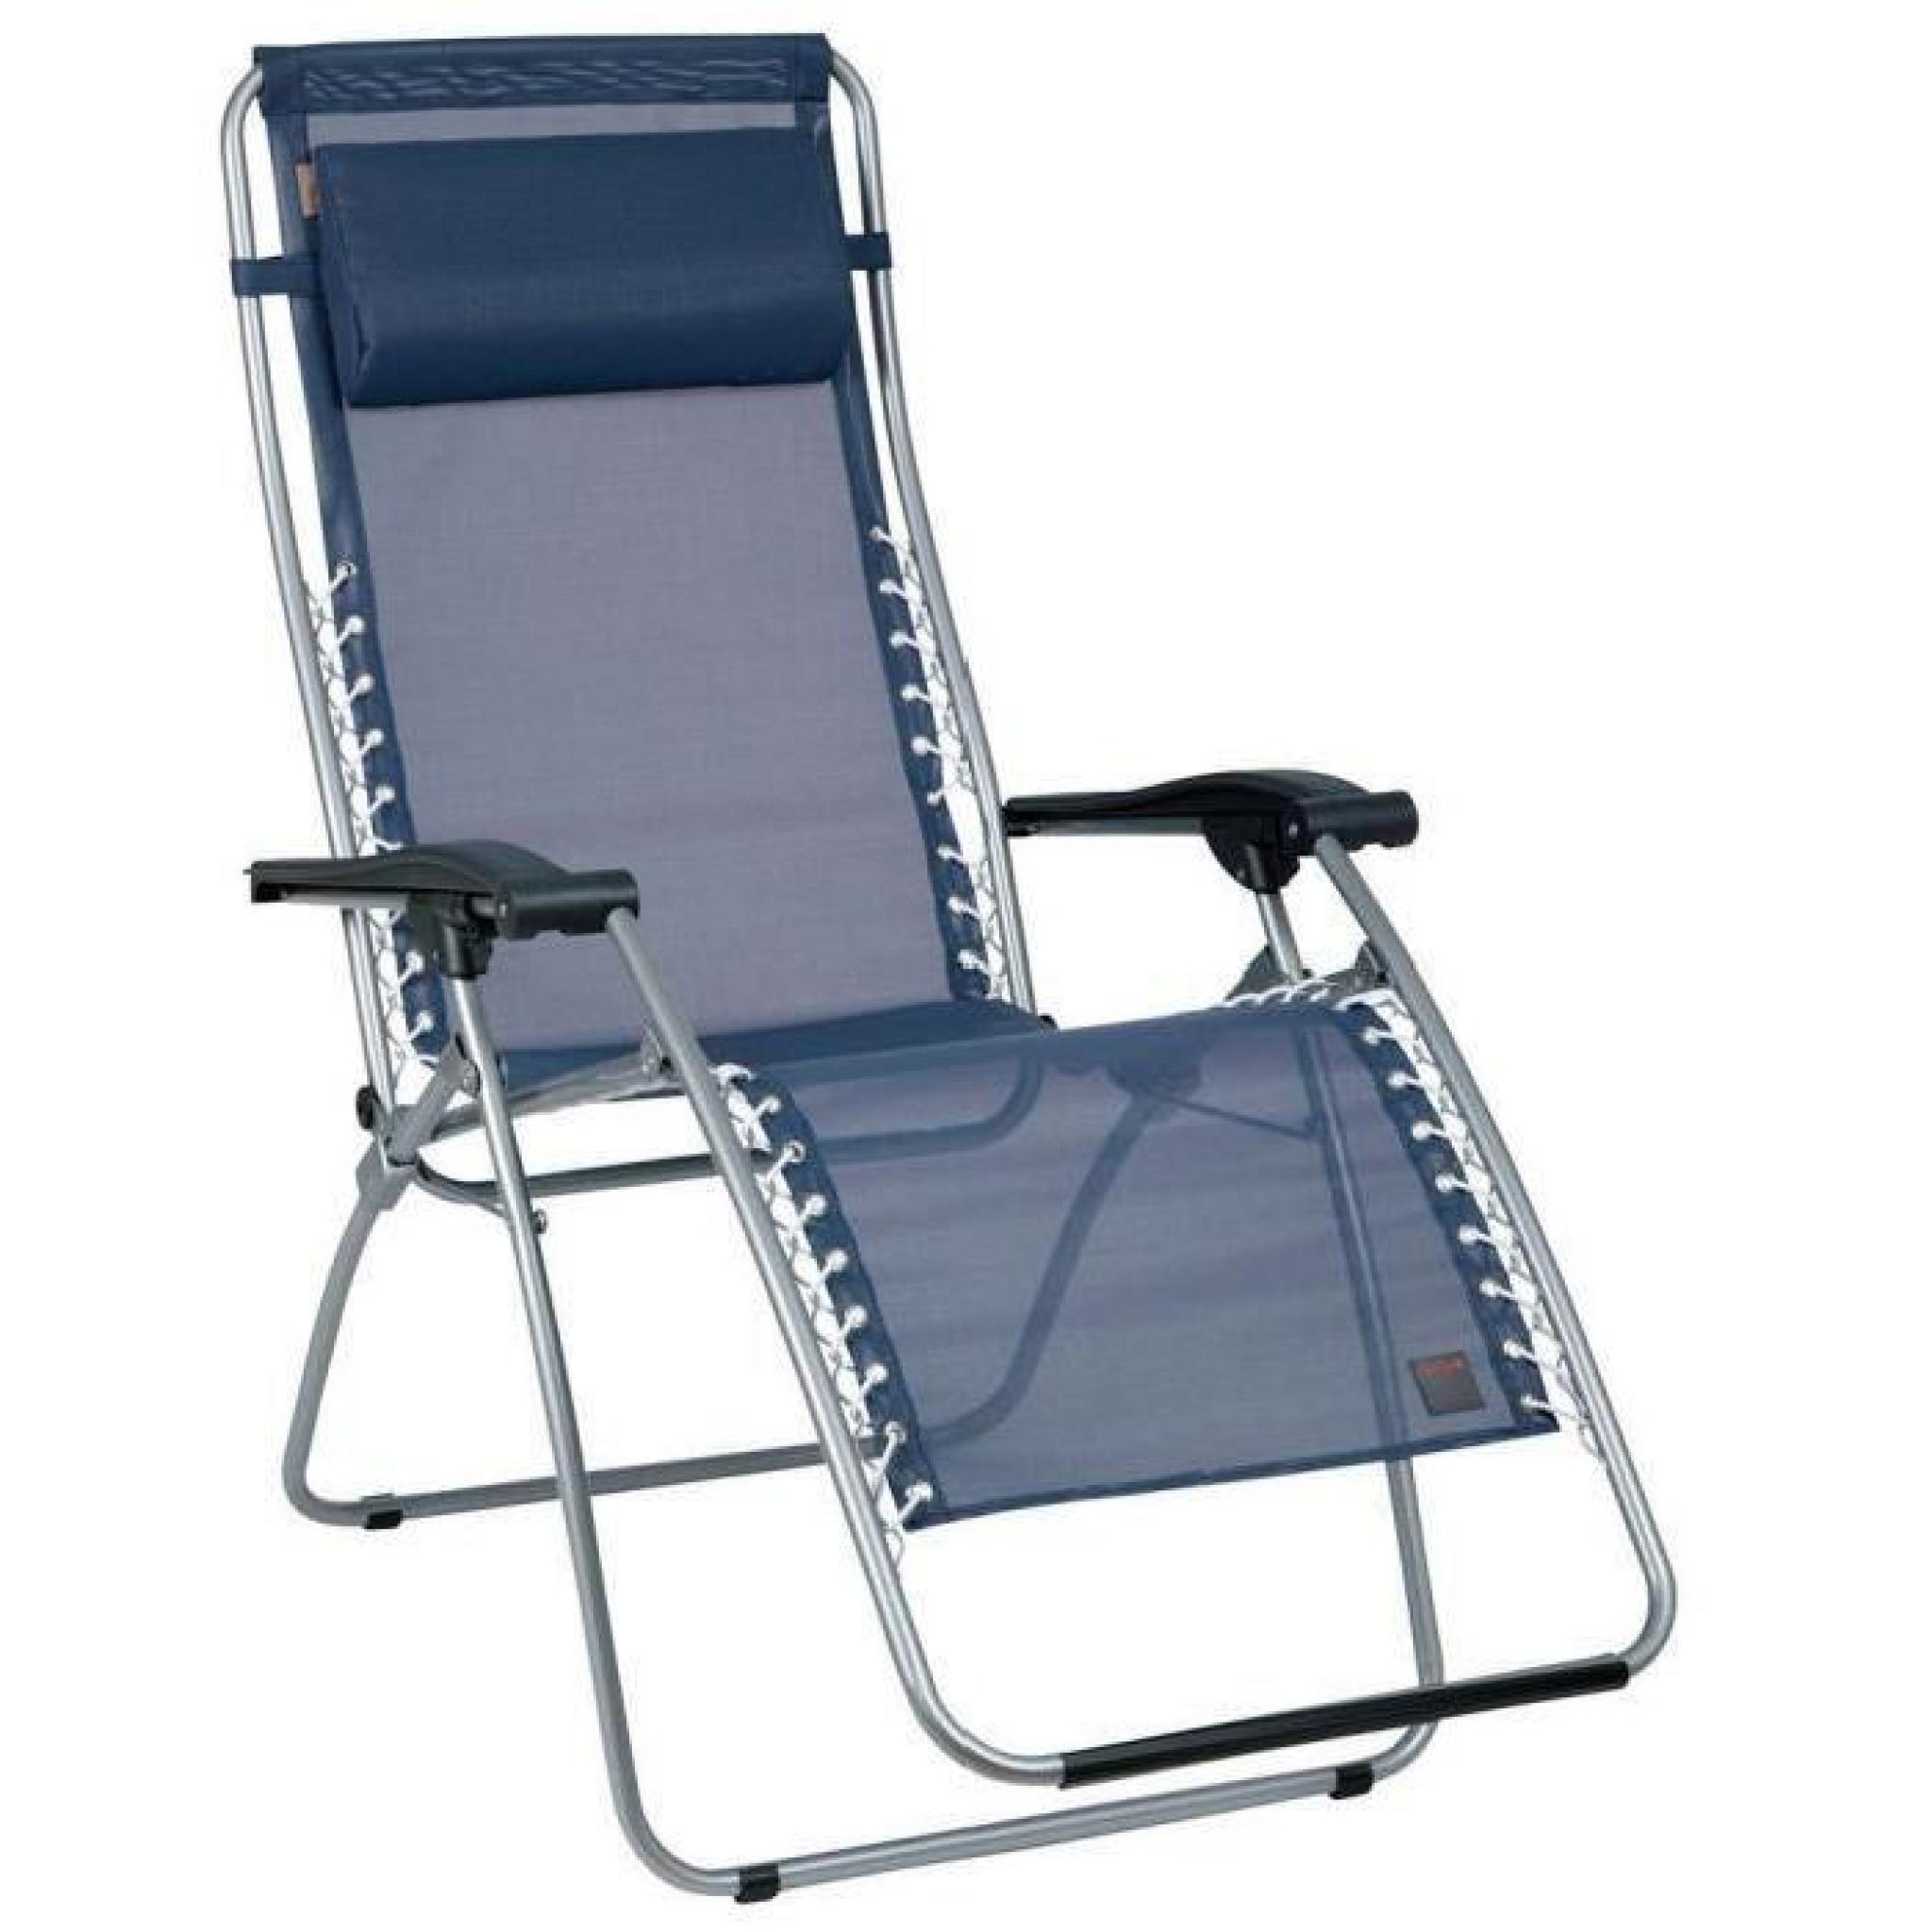 Chaise longue relax multiposition pliante en acier et toile Batyline R  CLIP-Potiron